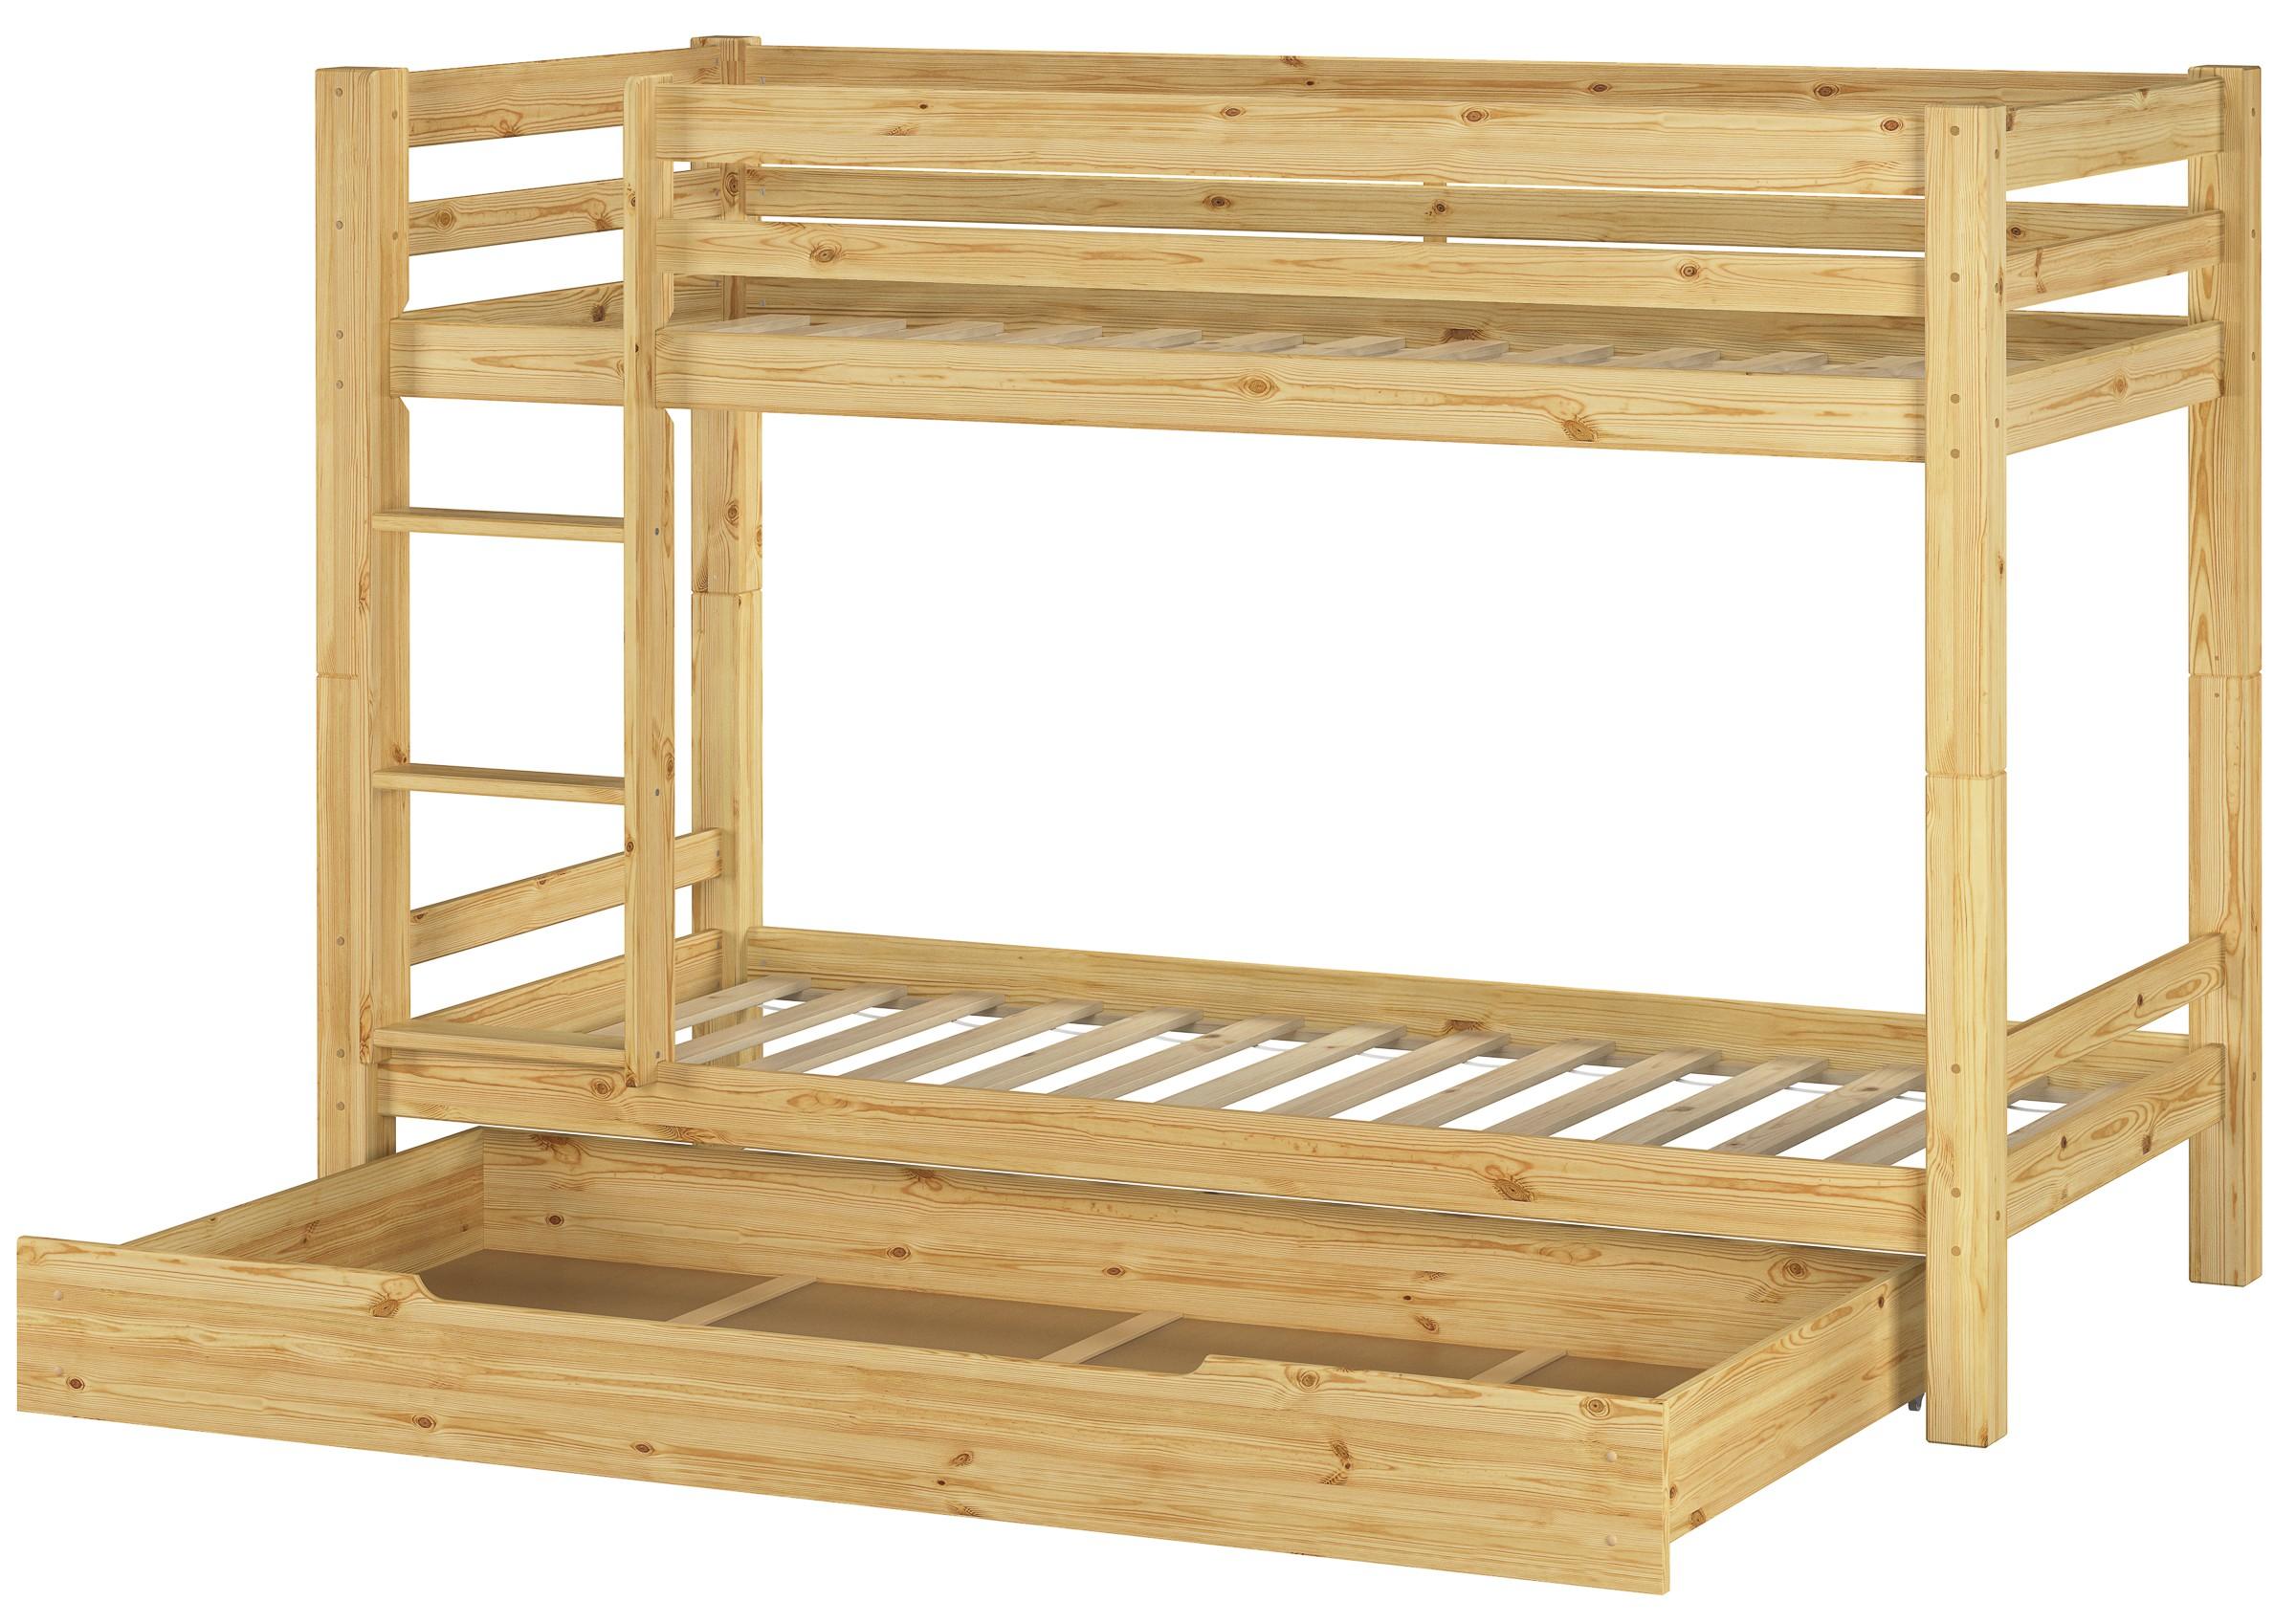 lits superpos s lit superpos jeu pin 90x200 wobbler caisse sommier de lit ebay. Black Bedroom Furniture Sets. Home Design Ideas